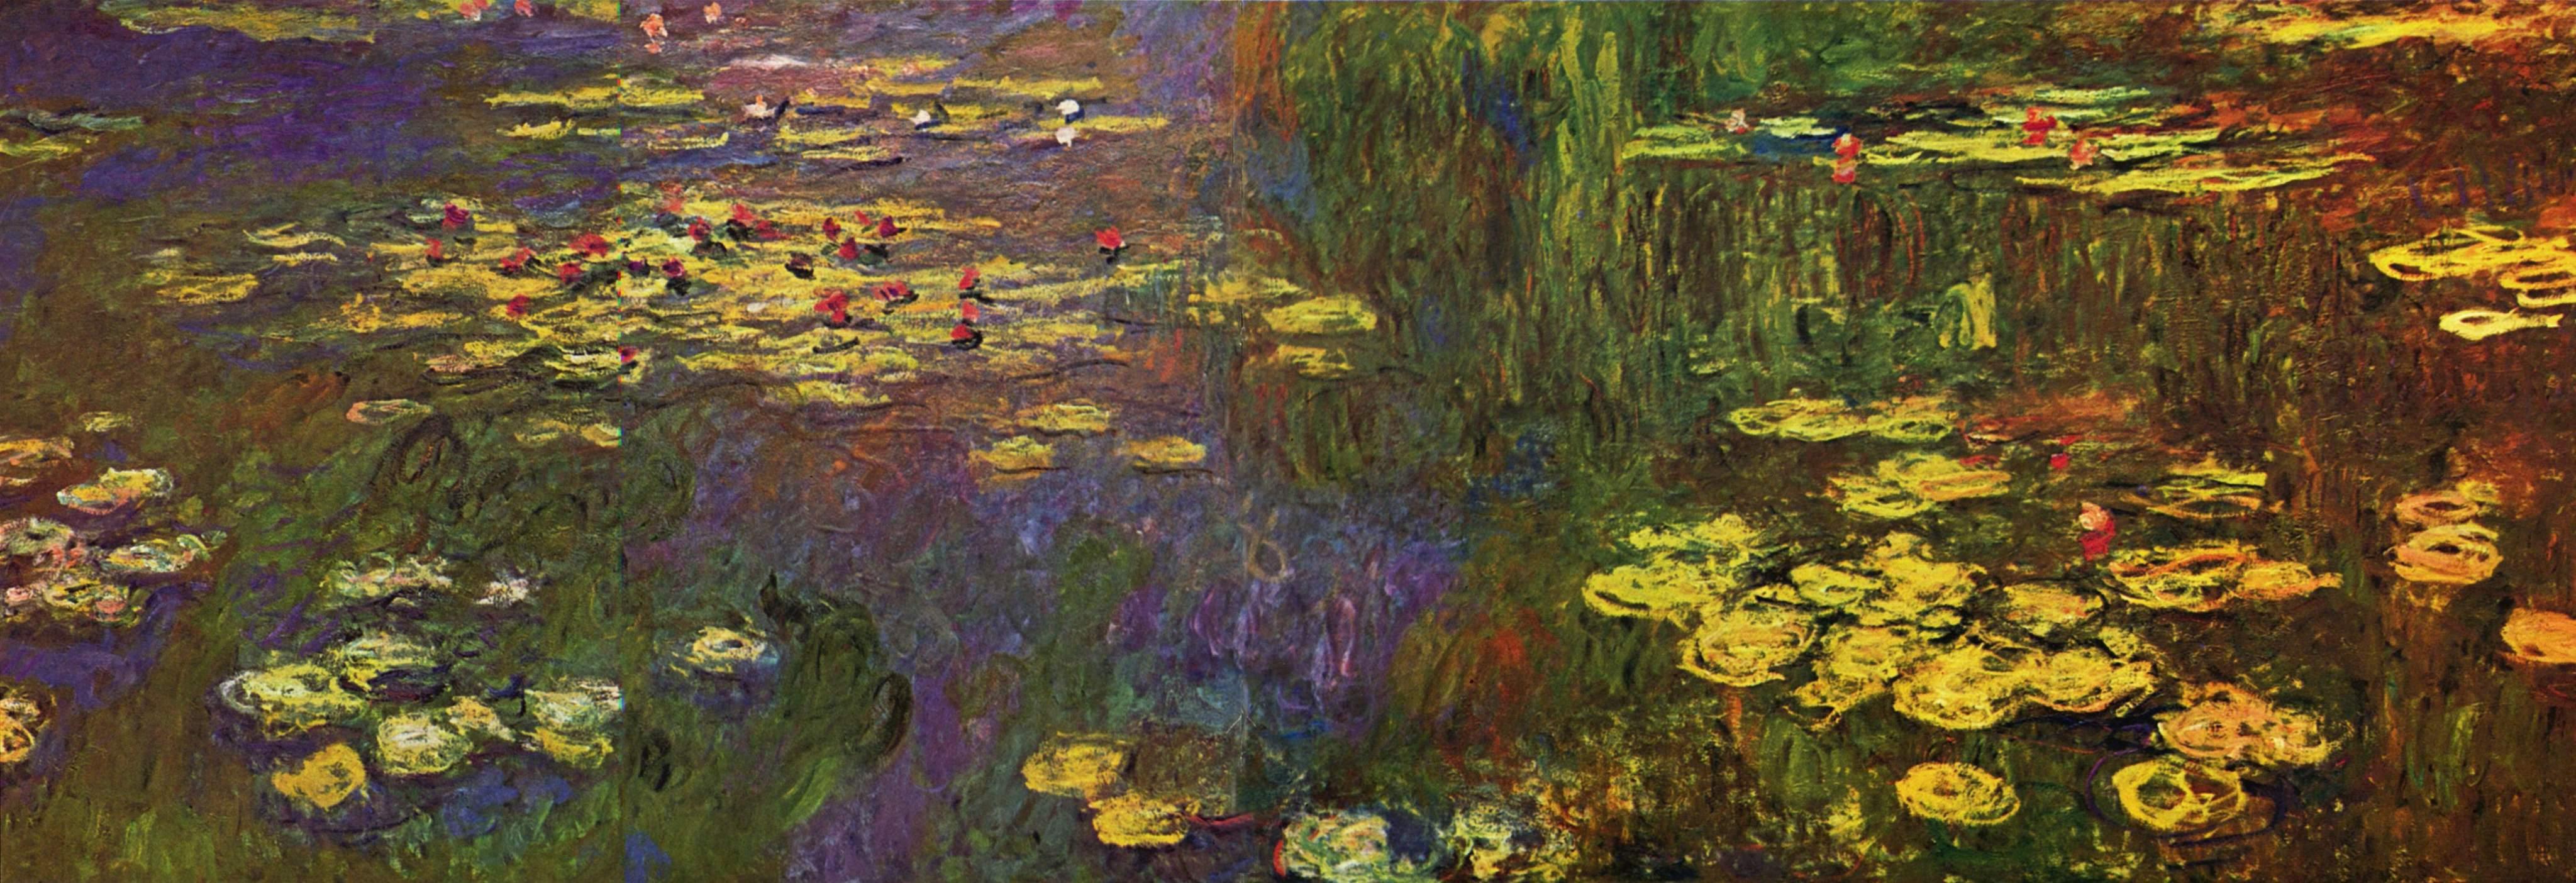 Monet, huile sur toile, Musée de l'Orangerie, Paris